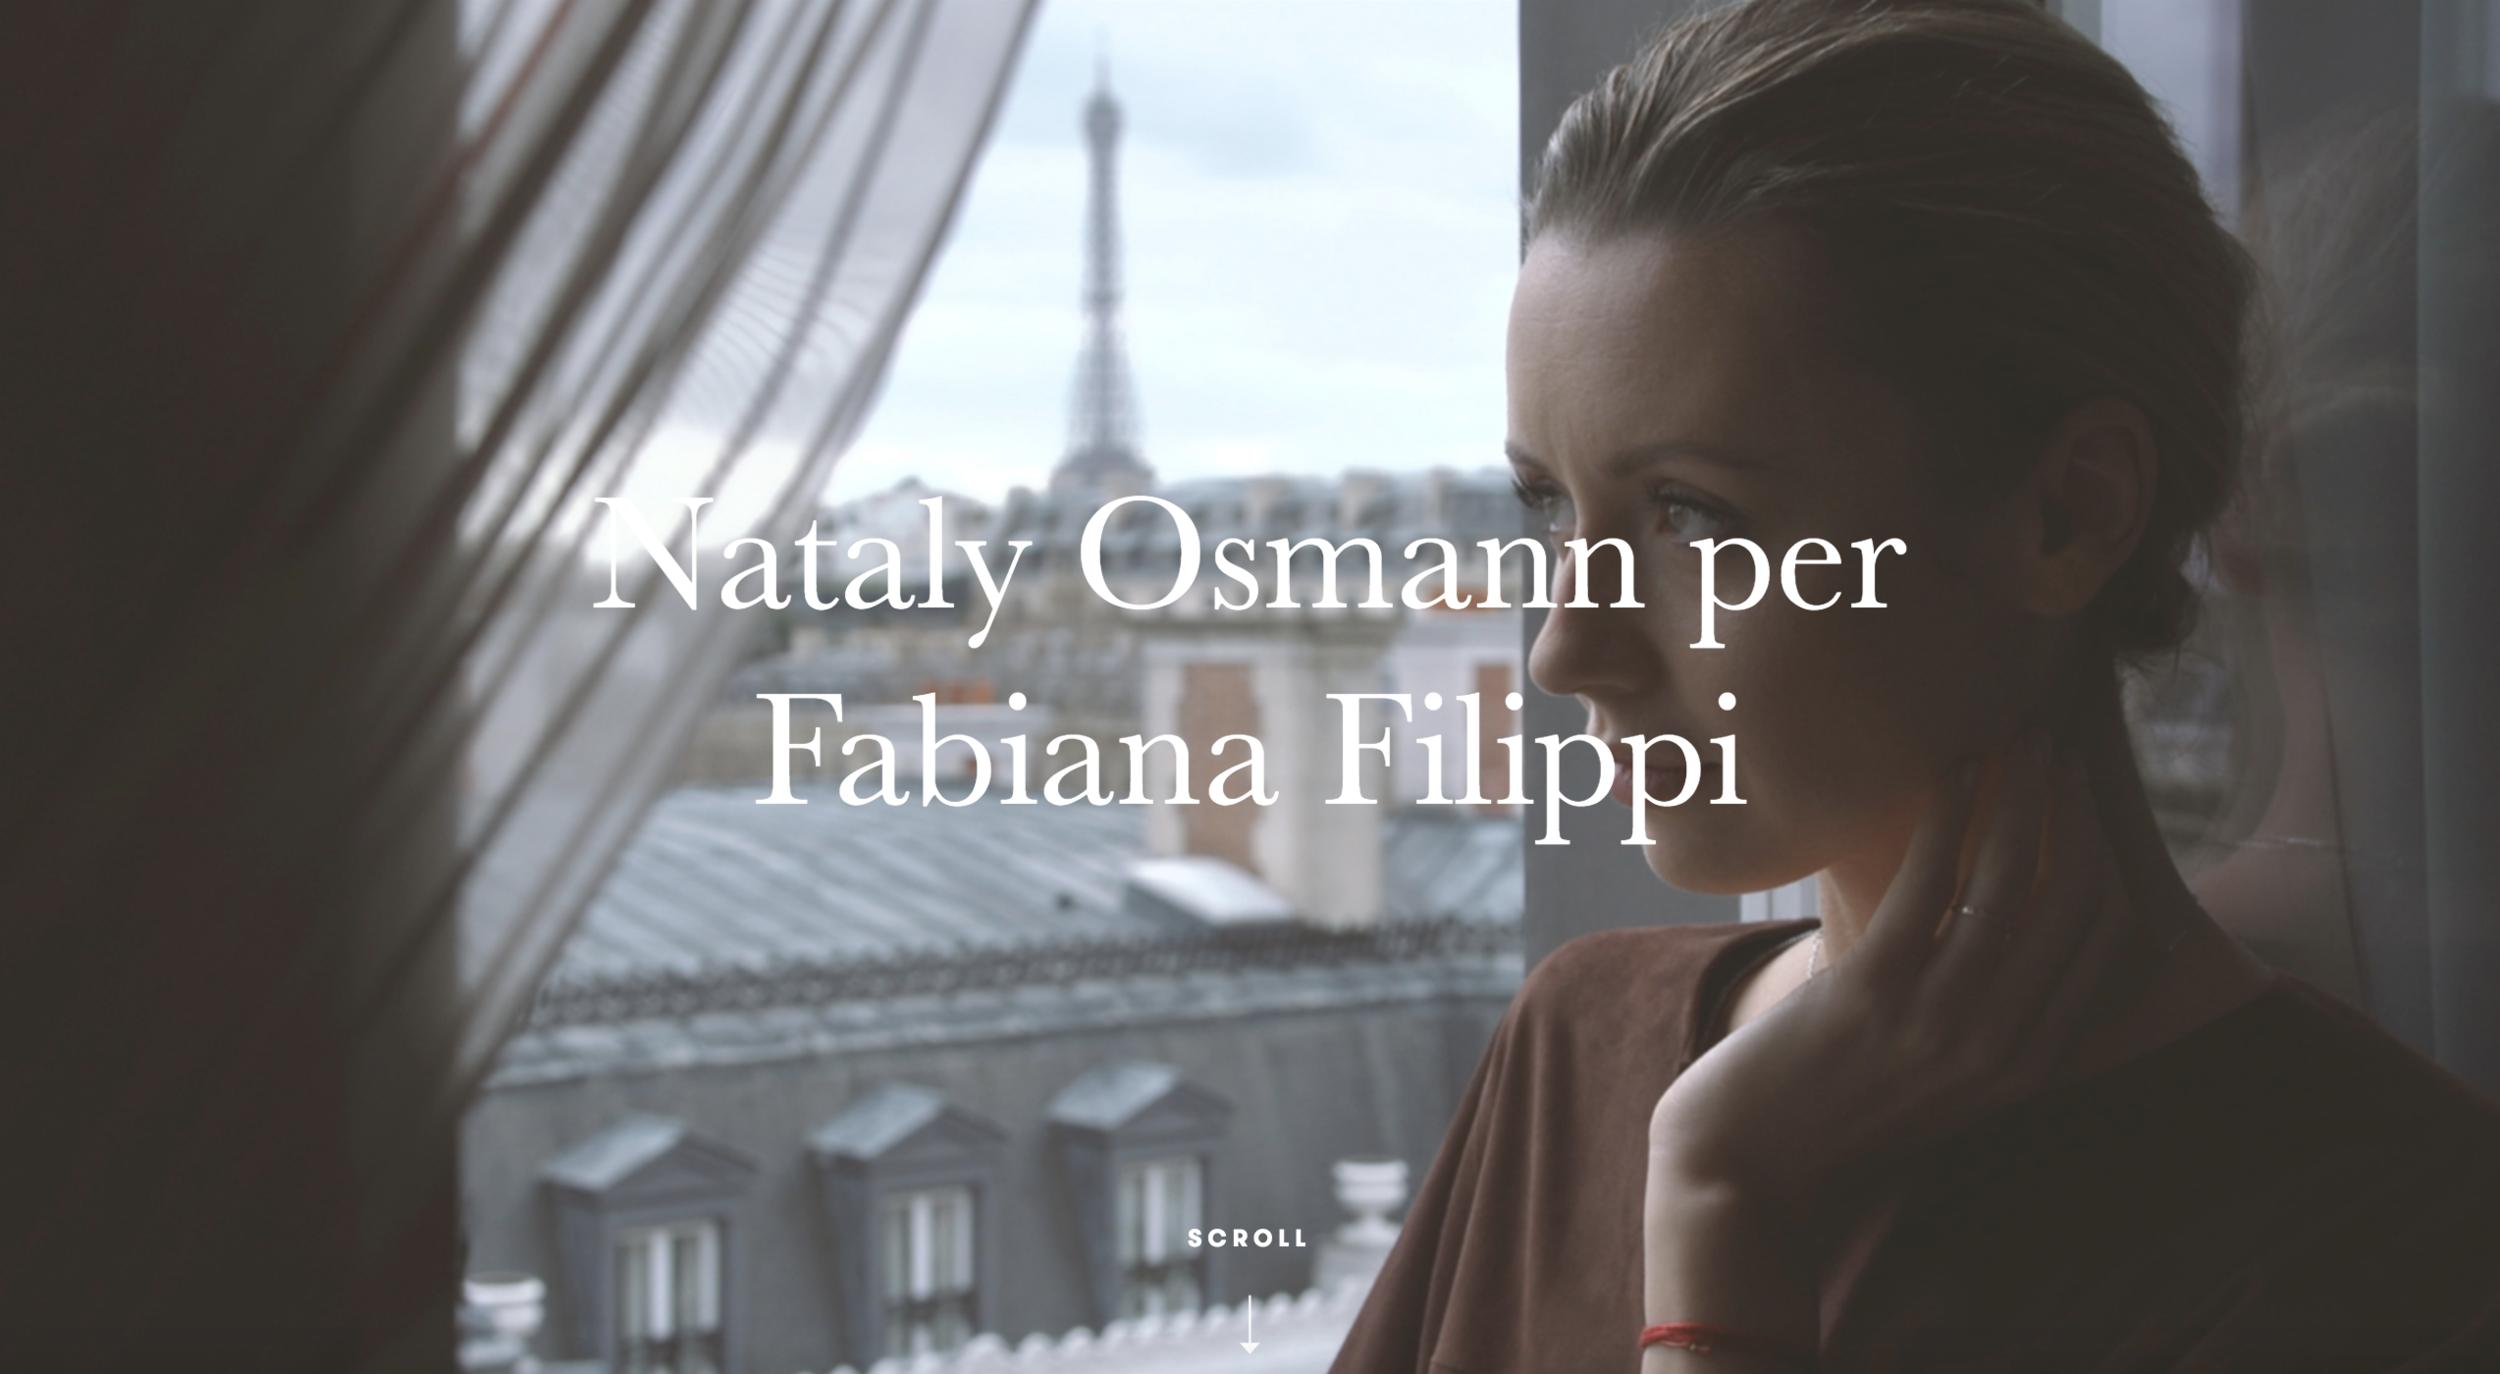 Fabiana Filippi x Vogue Italia